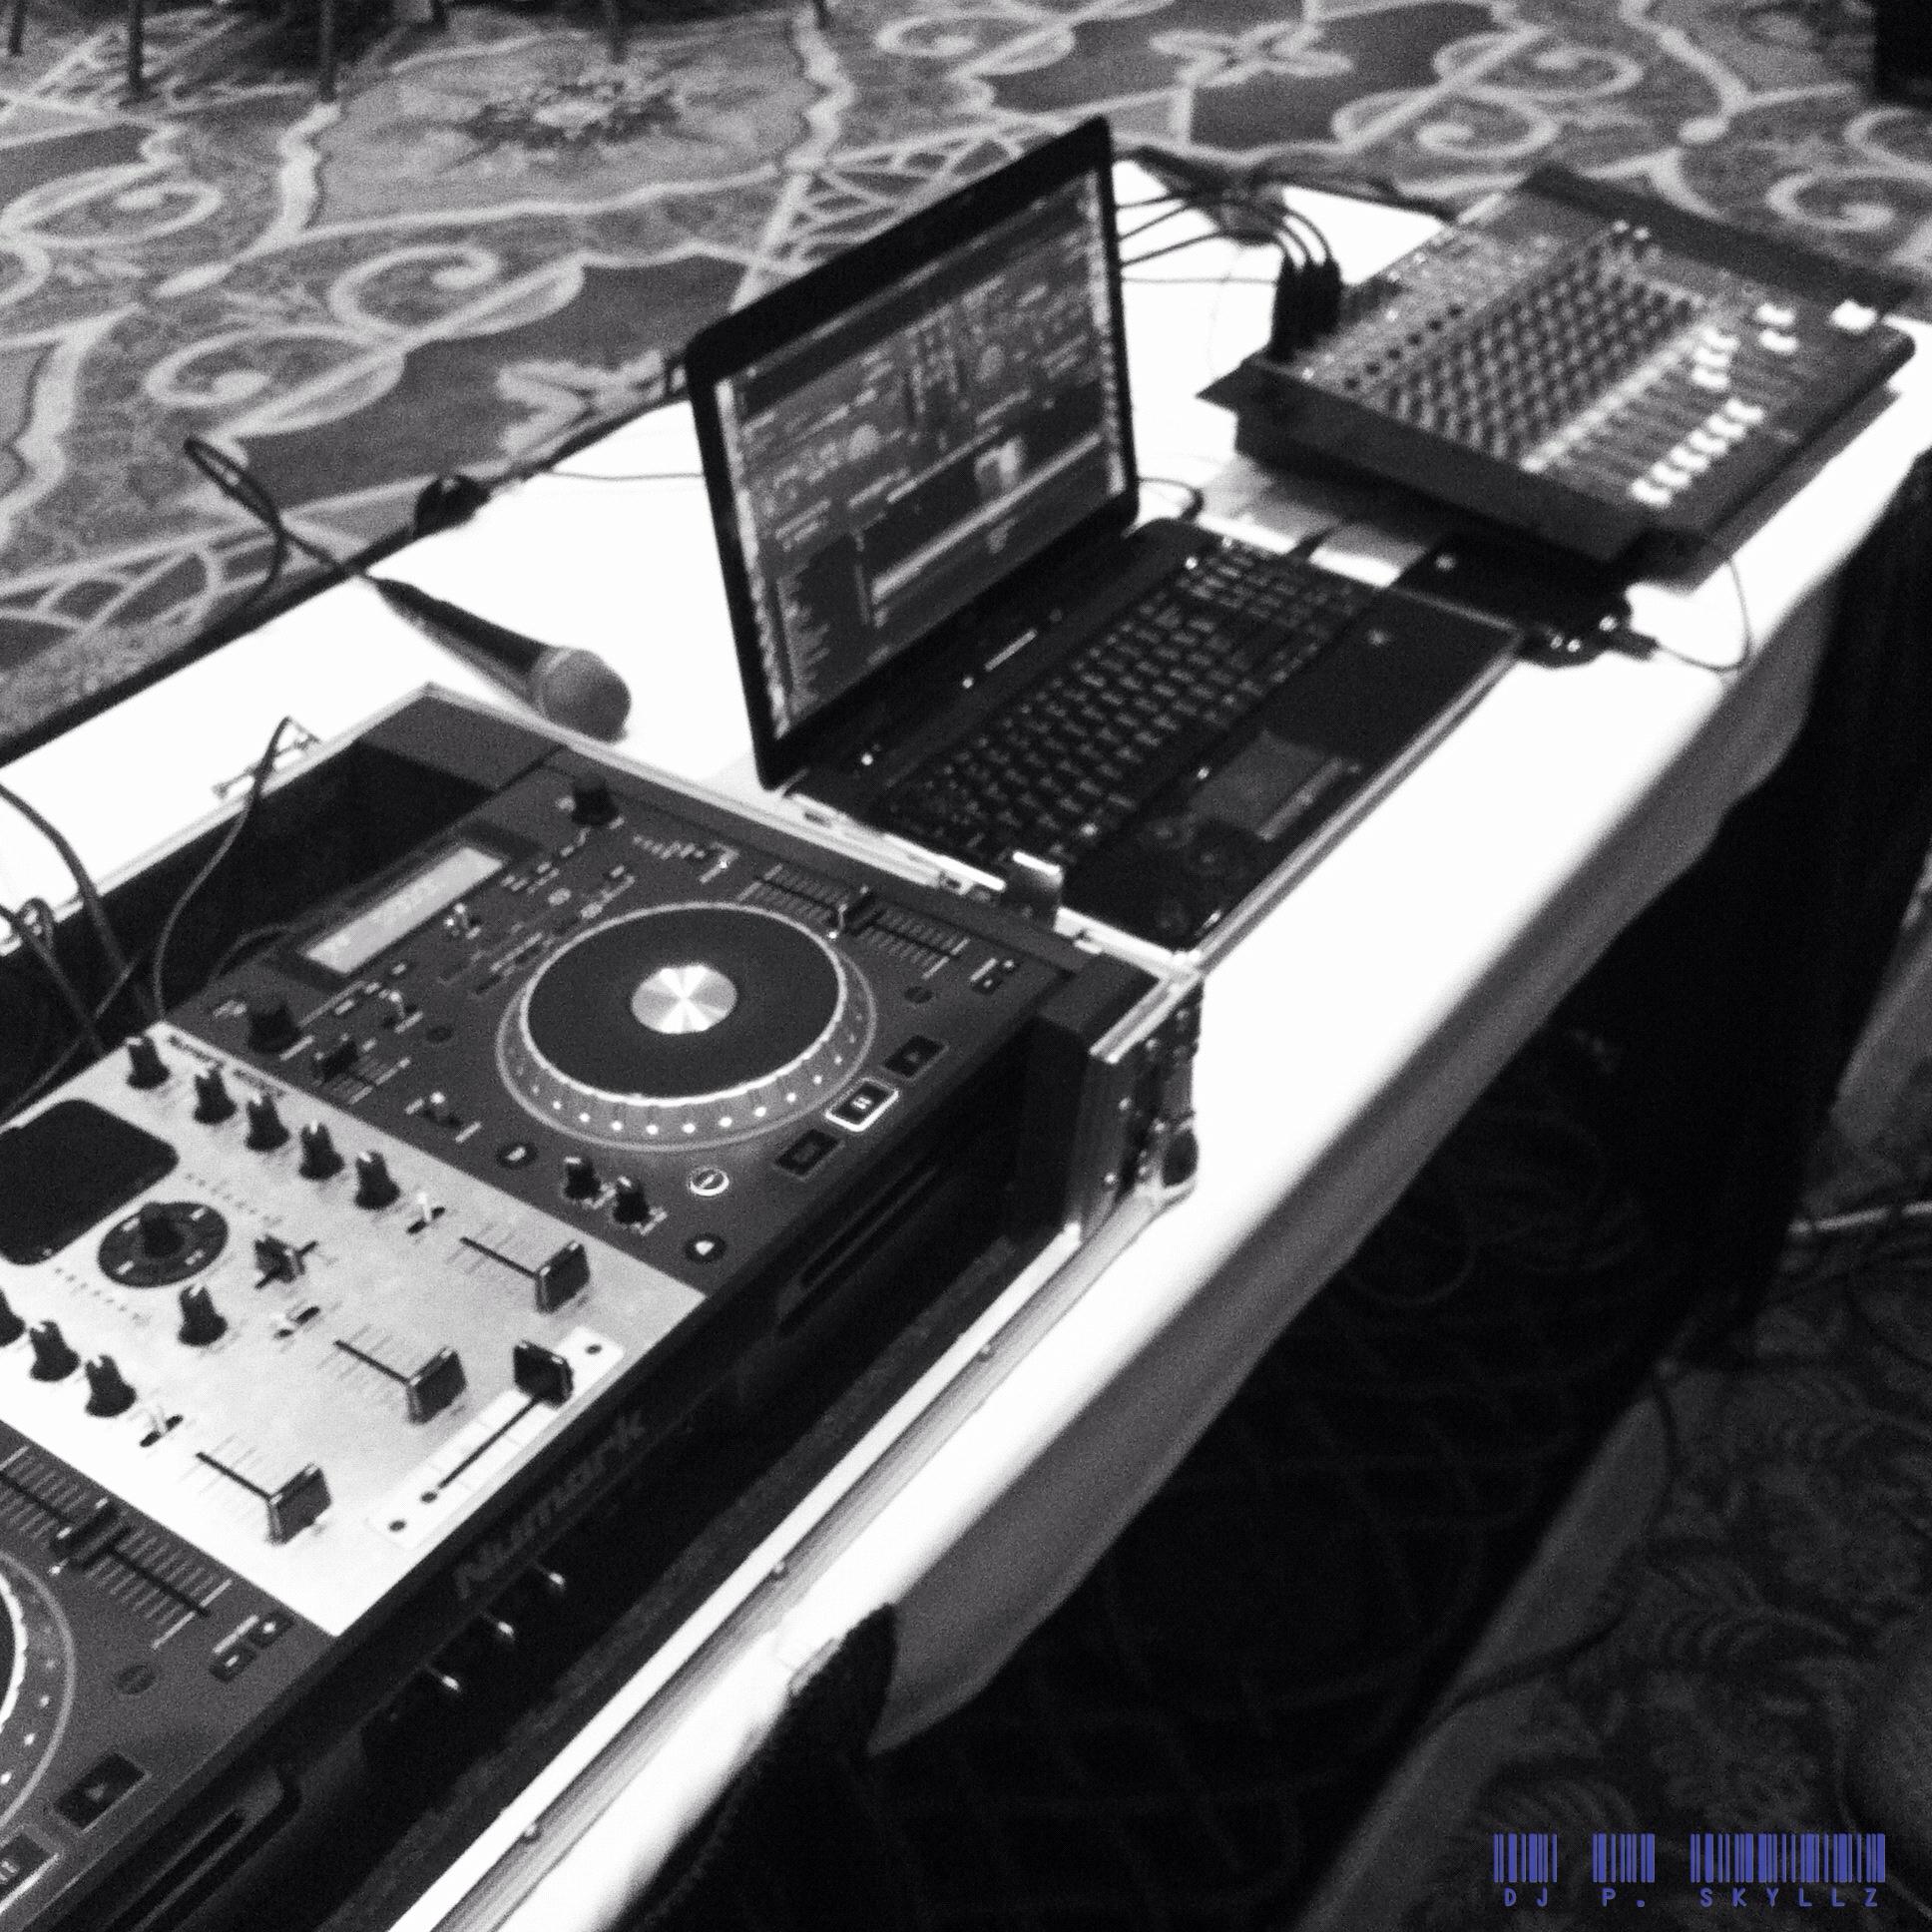 DJ P. Skyllz 8